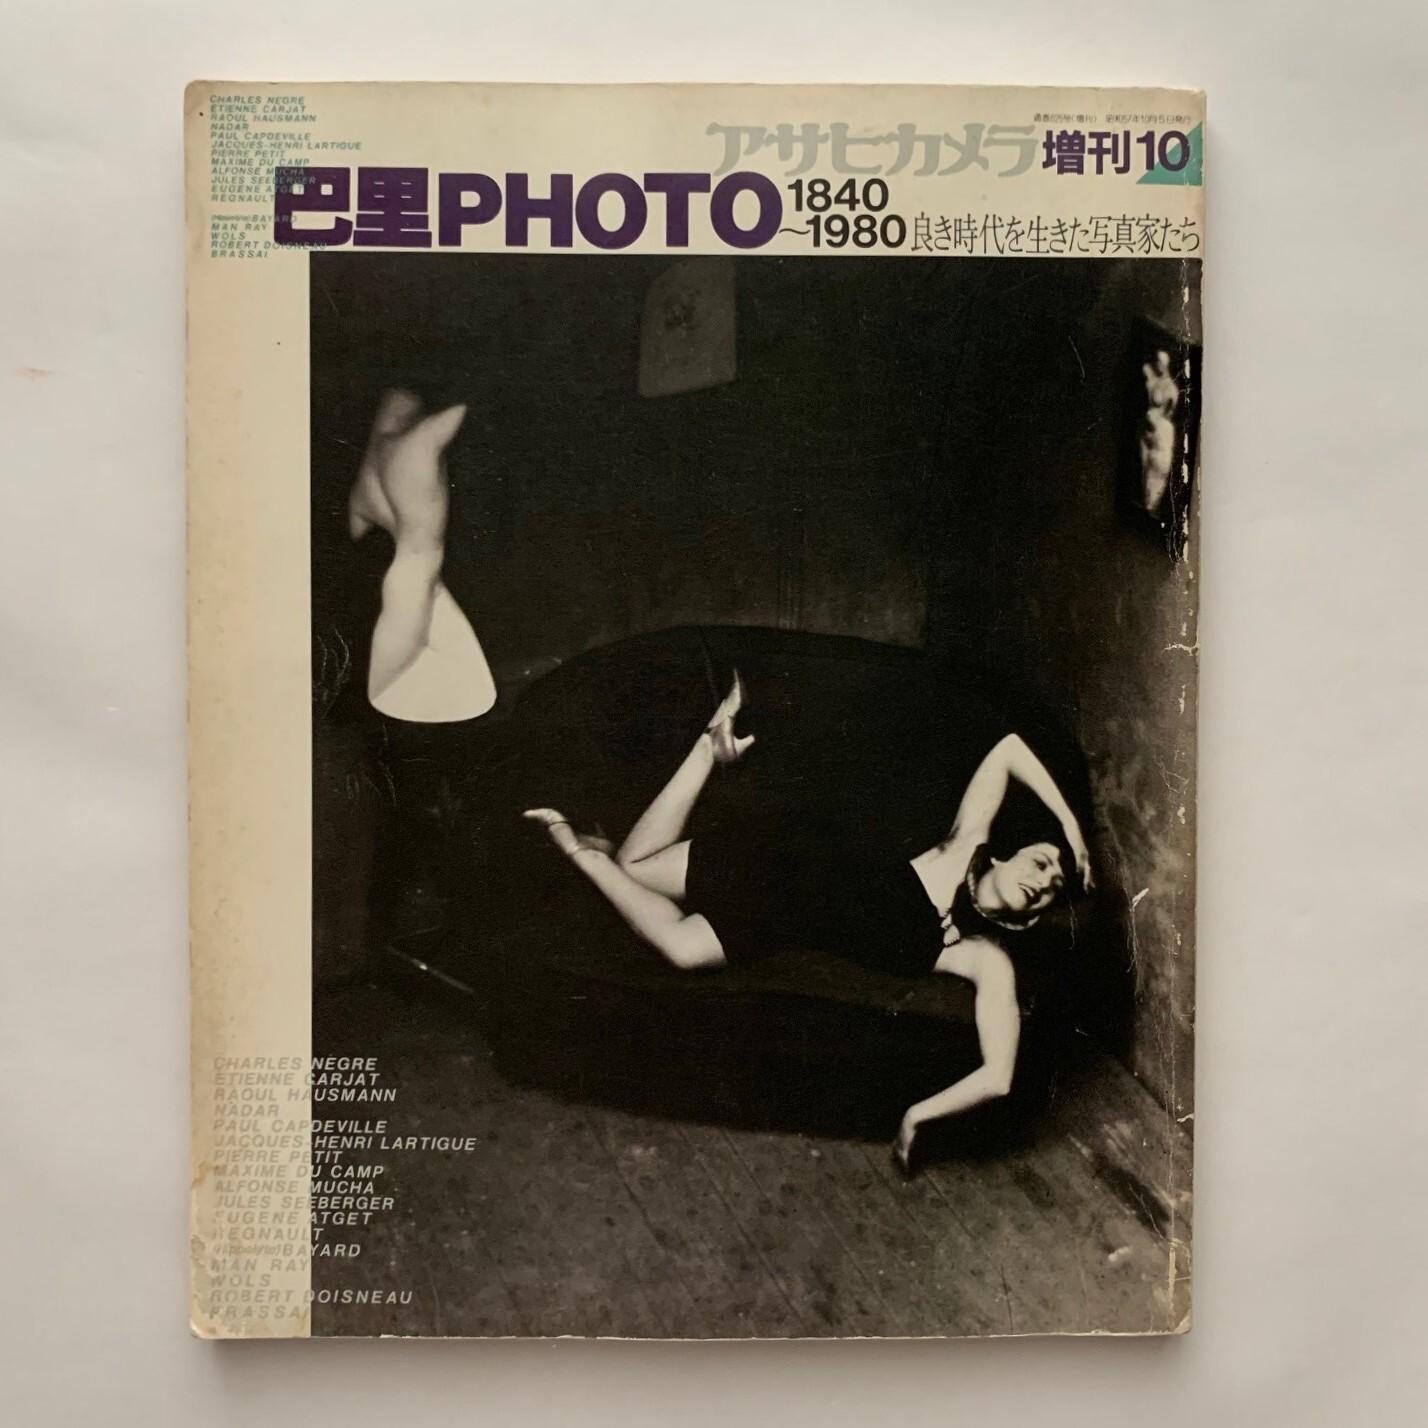 アサヒカメラ増刊 : 巴里PHOTO 第67巻第13号 / 朝日新聞社